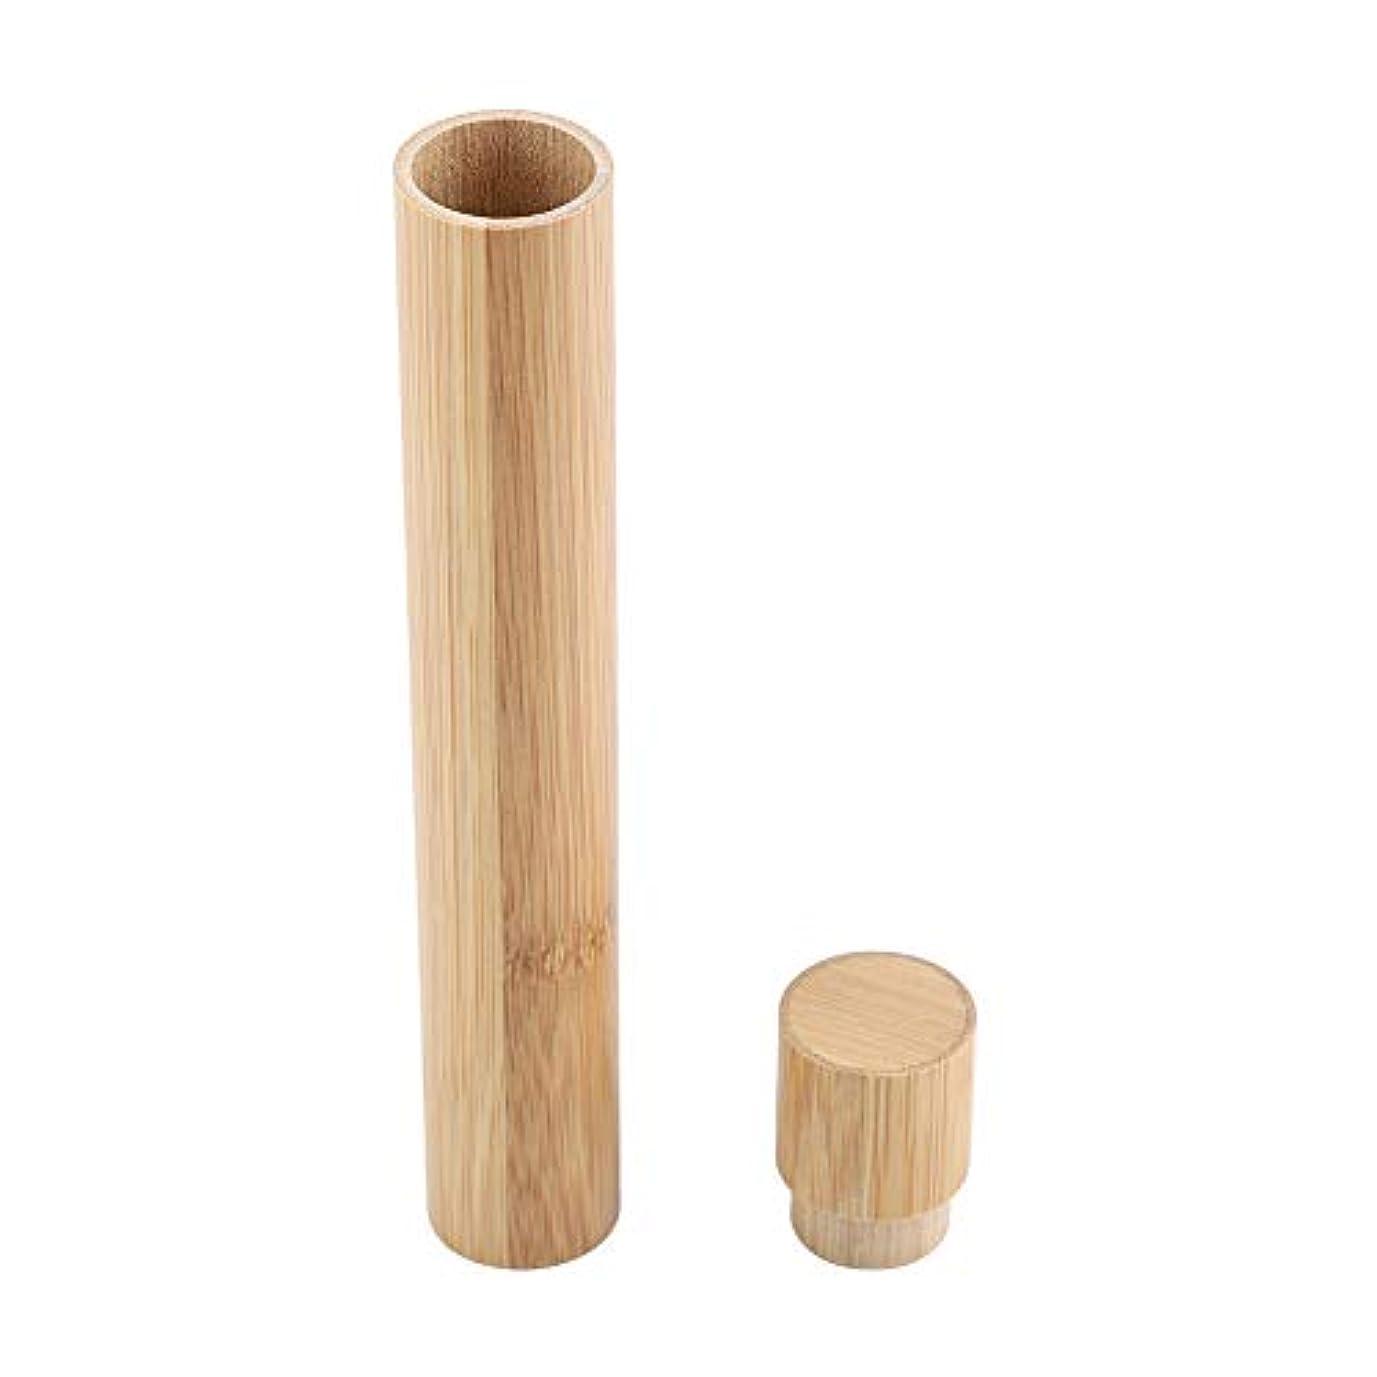 競うラブ気候歯ブラシケース ブラシホルダー ブラシ収納 ポータブル エコフレンドリー 木製 竹 トラベル用 プロテクト 収納ケース ブラシ保護